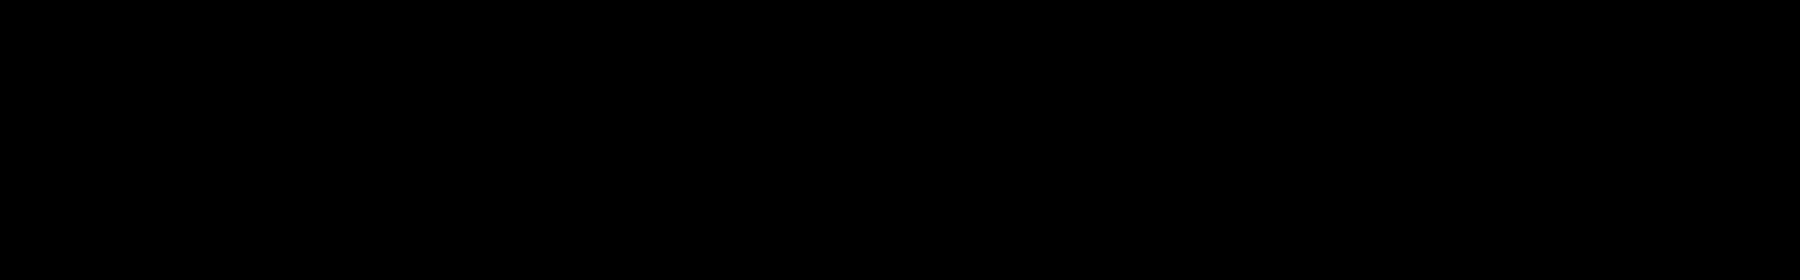 Ukulele Loops Vol.1 audio waveform